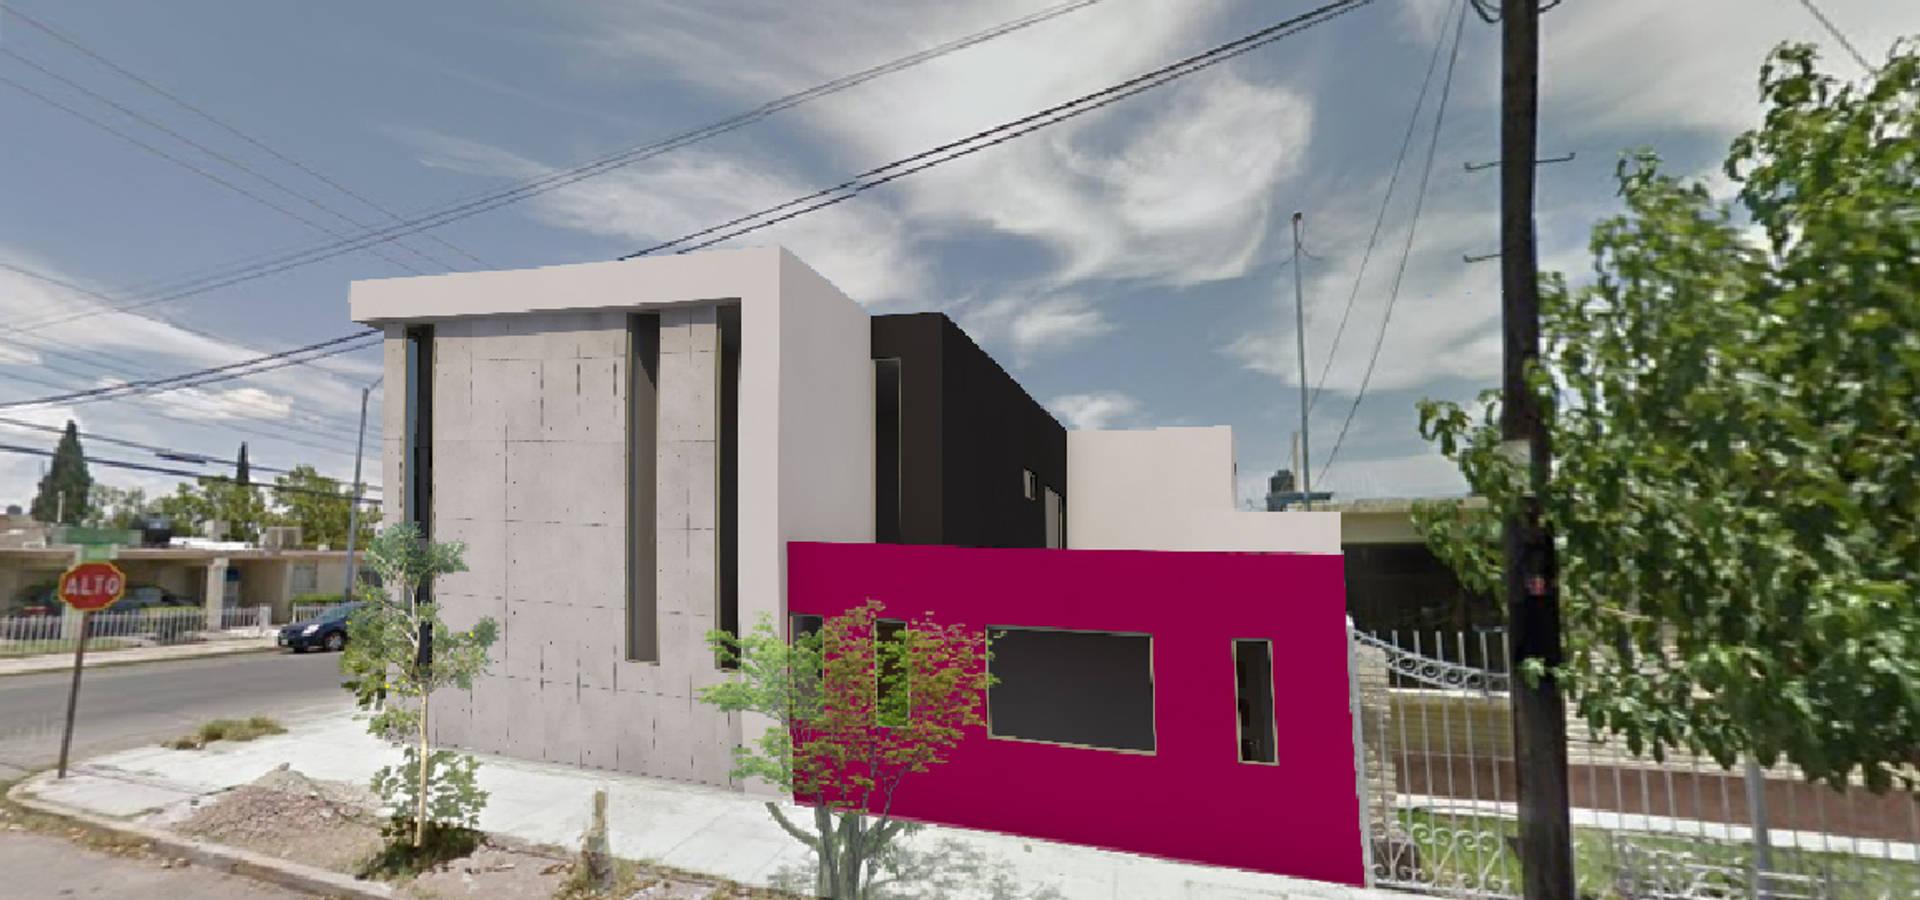 PROYEXION Taller de Arq & Urbanismo